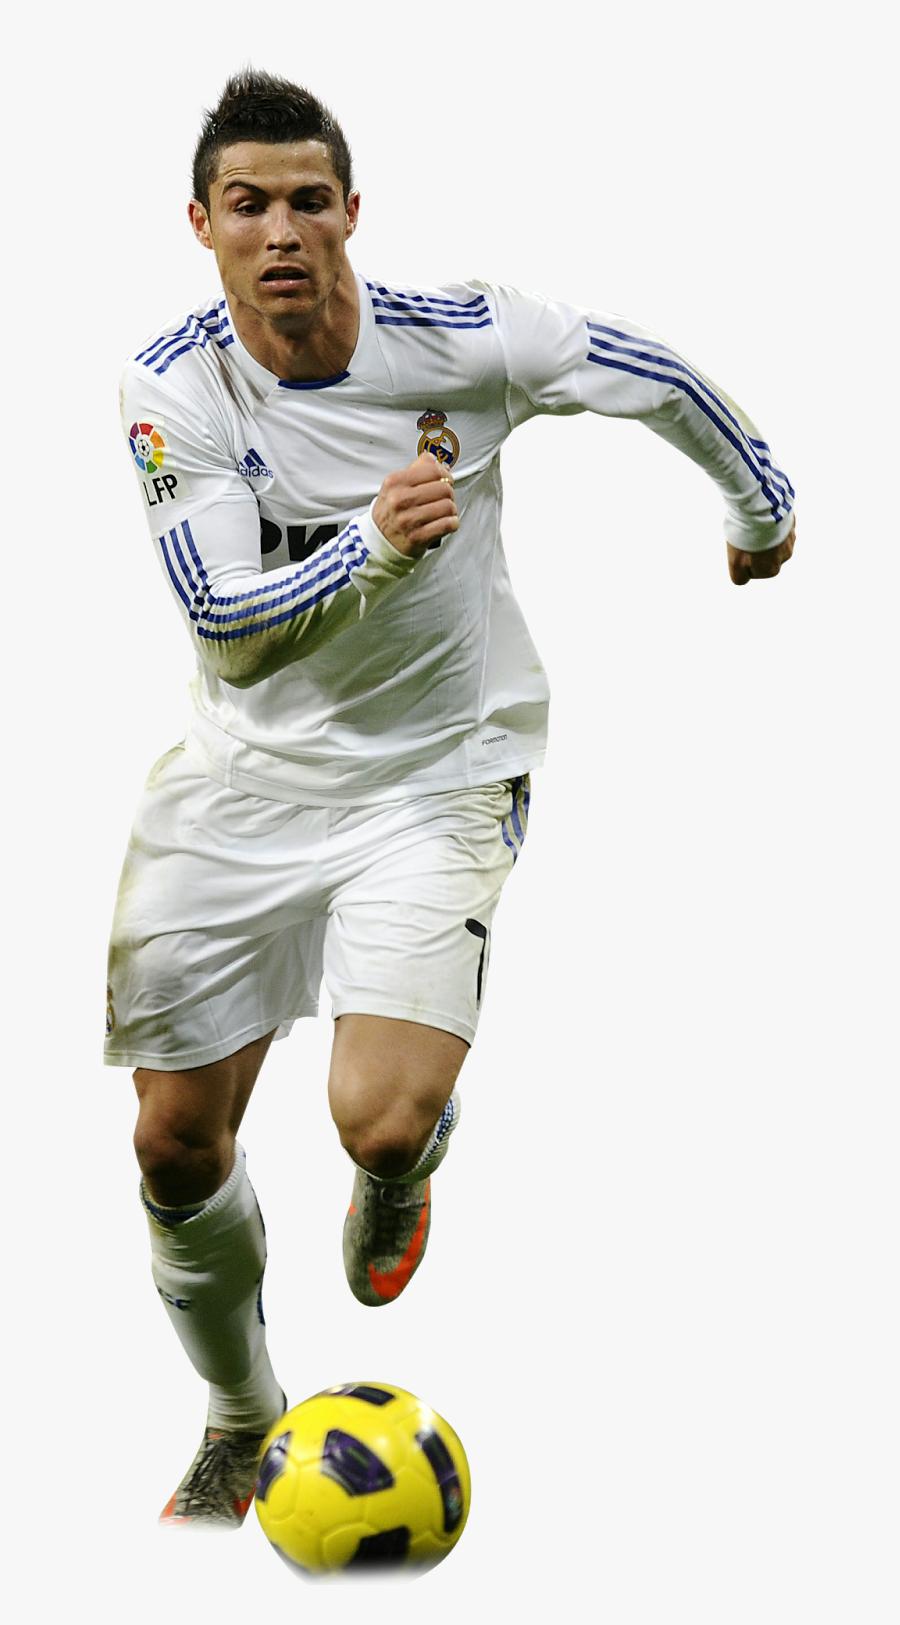 Cristiano Ronaldo Png File - Imagenes De Cr7 En Png, Transparent Clipart